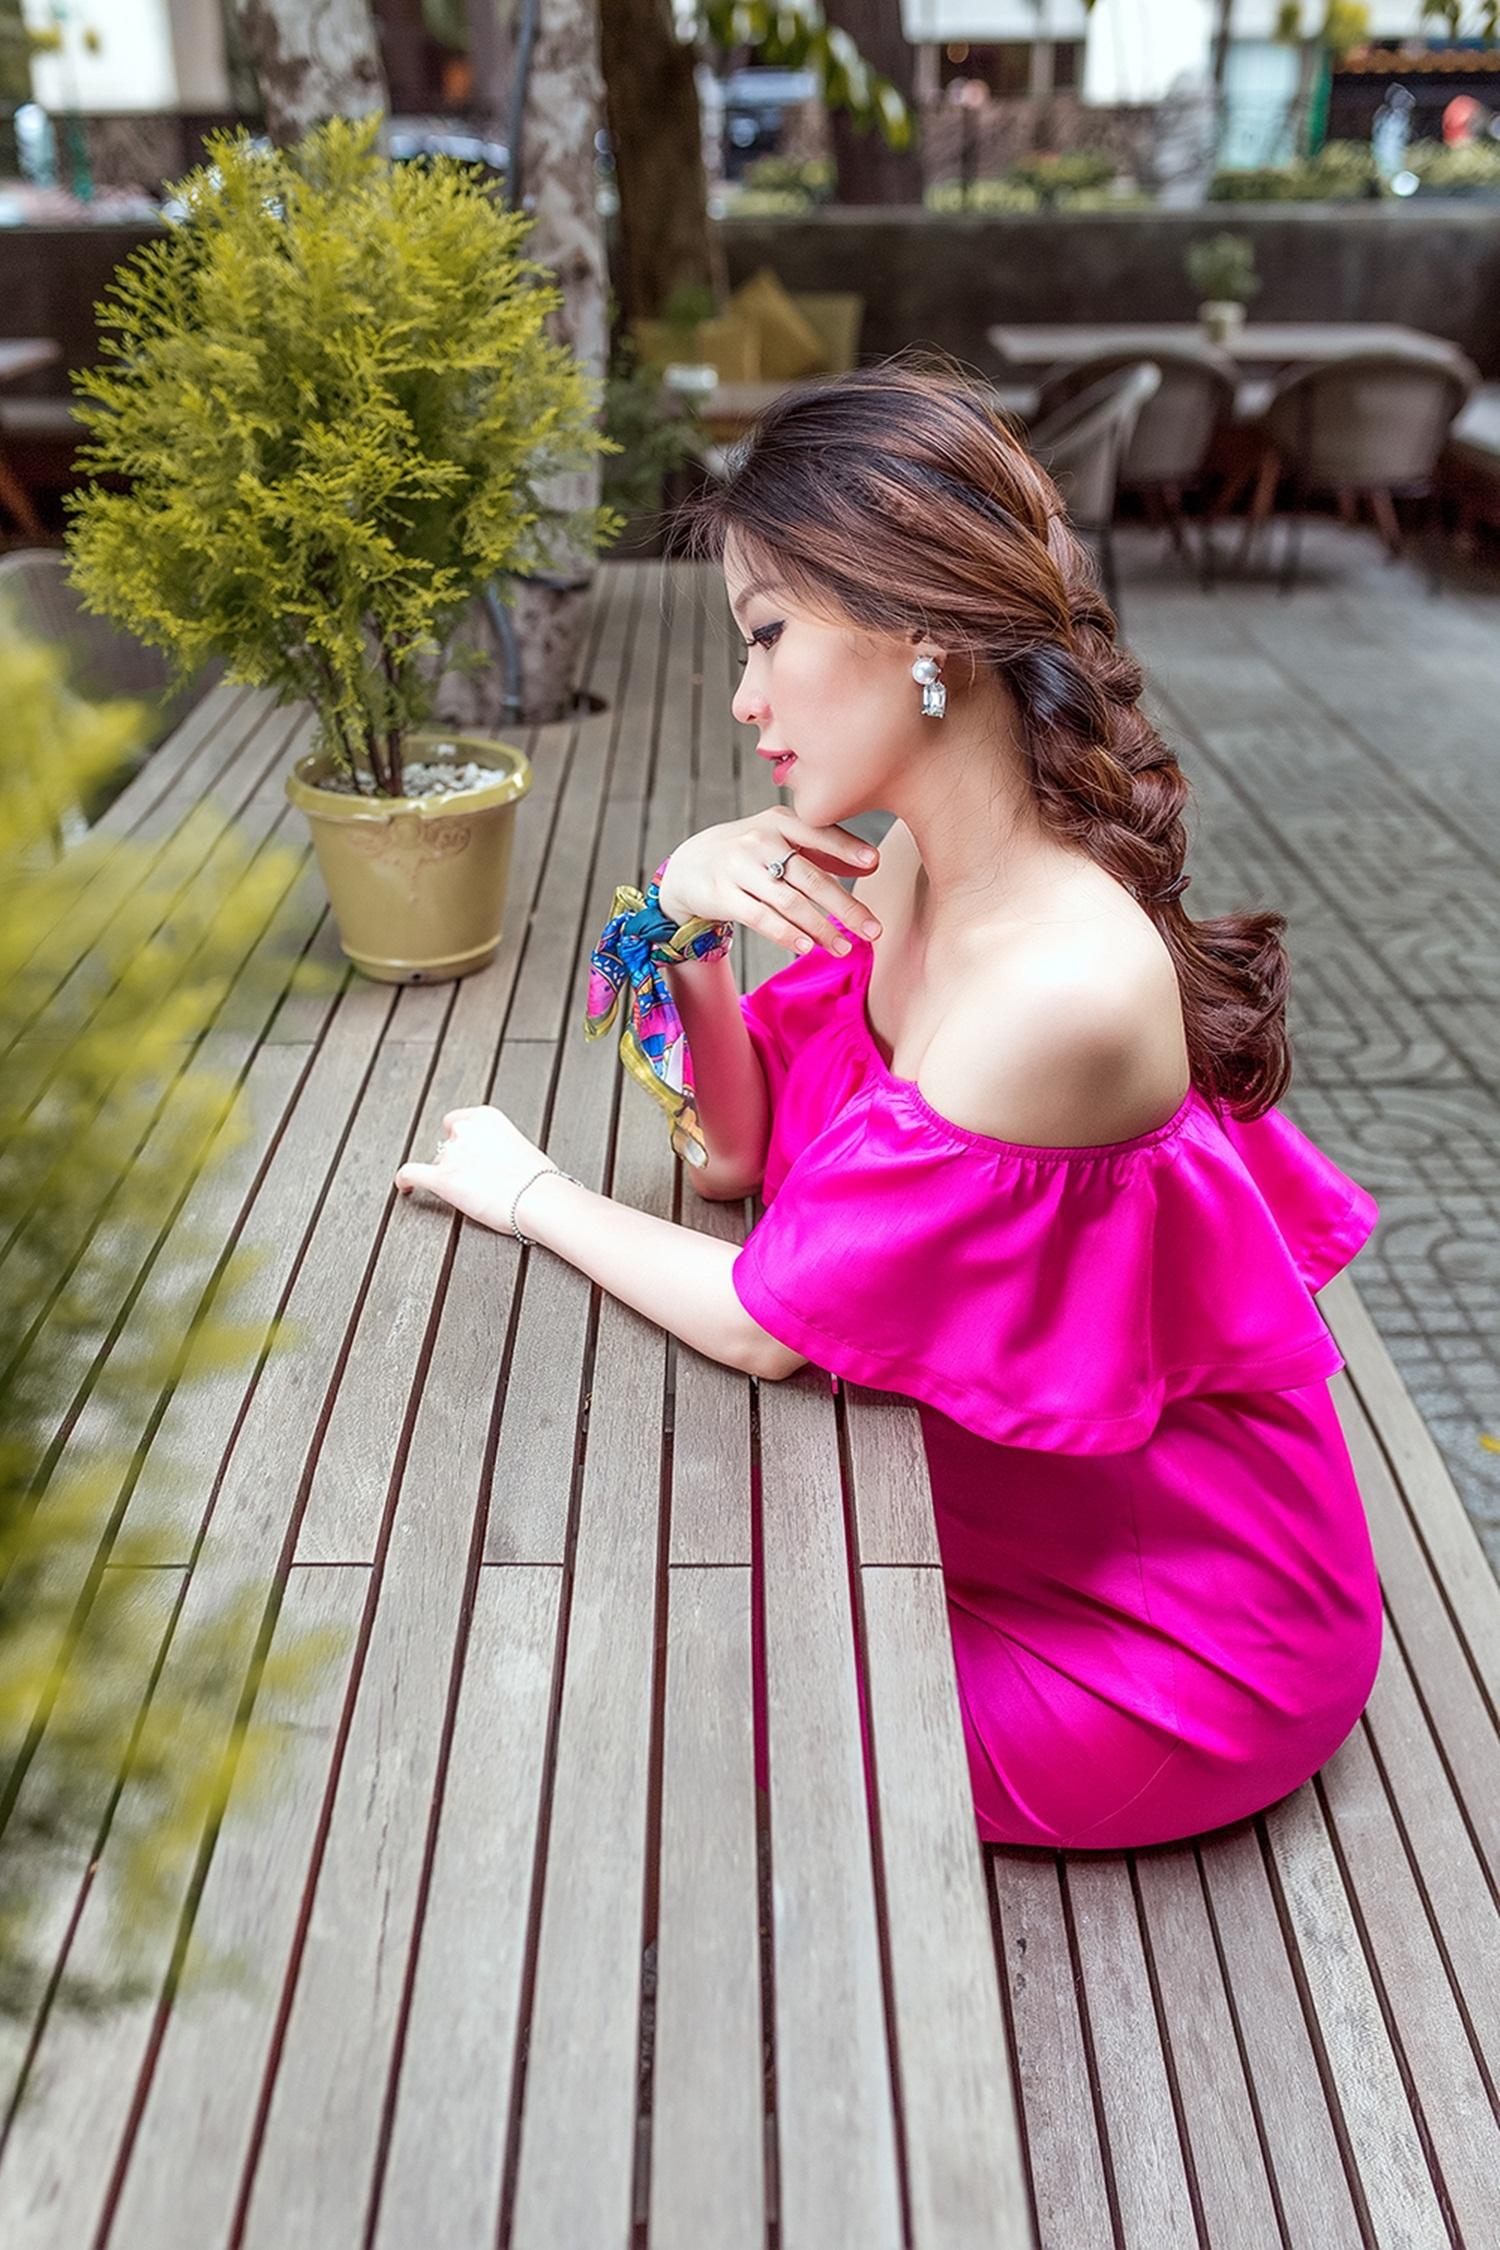 Diễm Trang và ông xã kết hôn vào cuối năm 2015, sau khi đám cưới cô nhanh chóng đón tin vui với chồng.